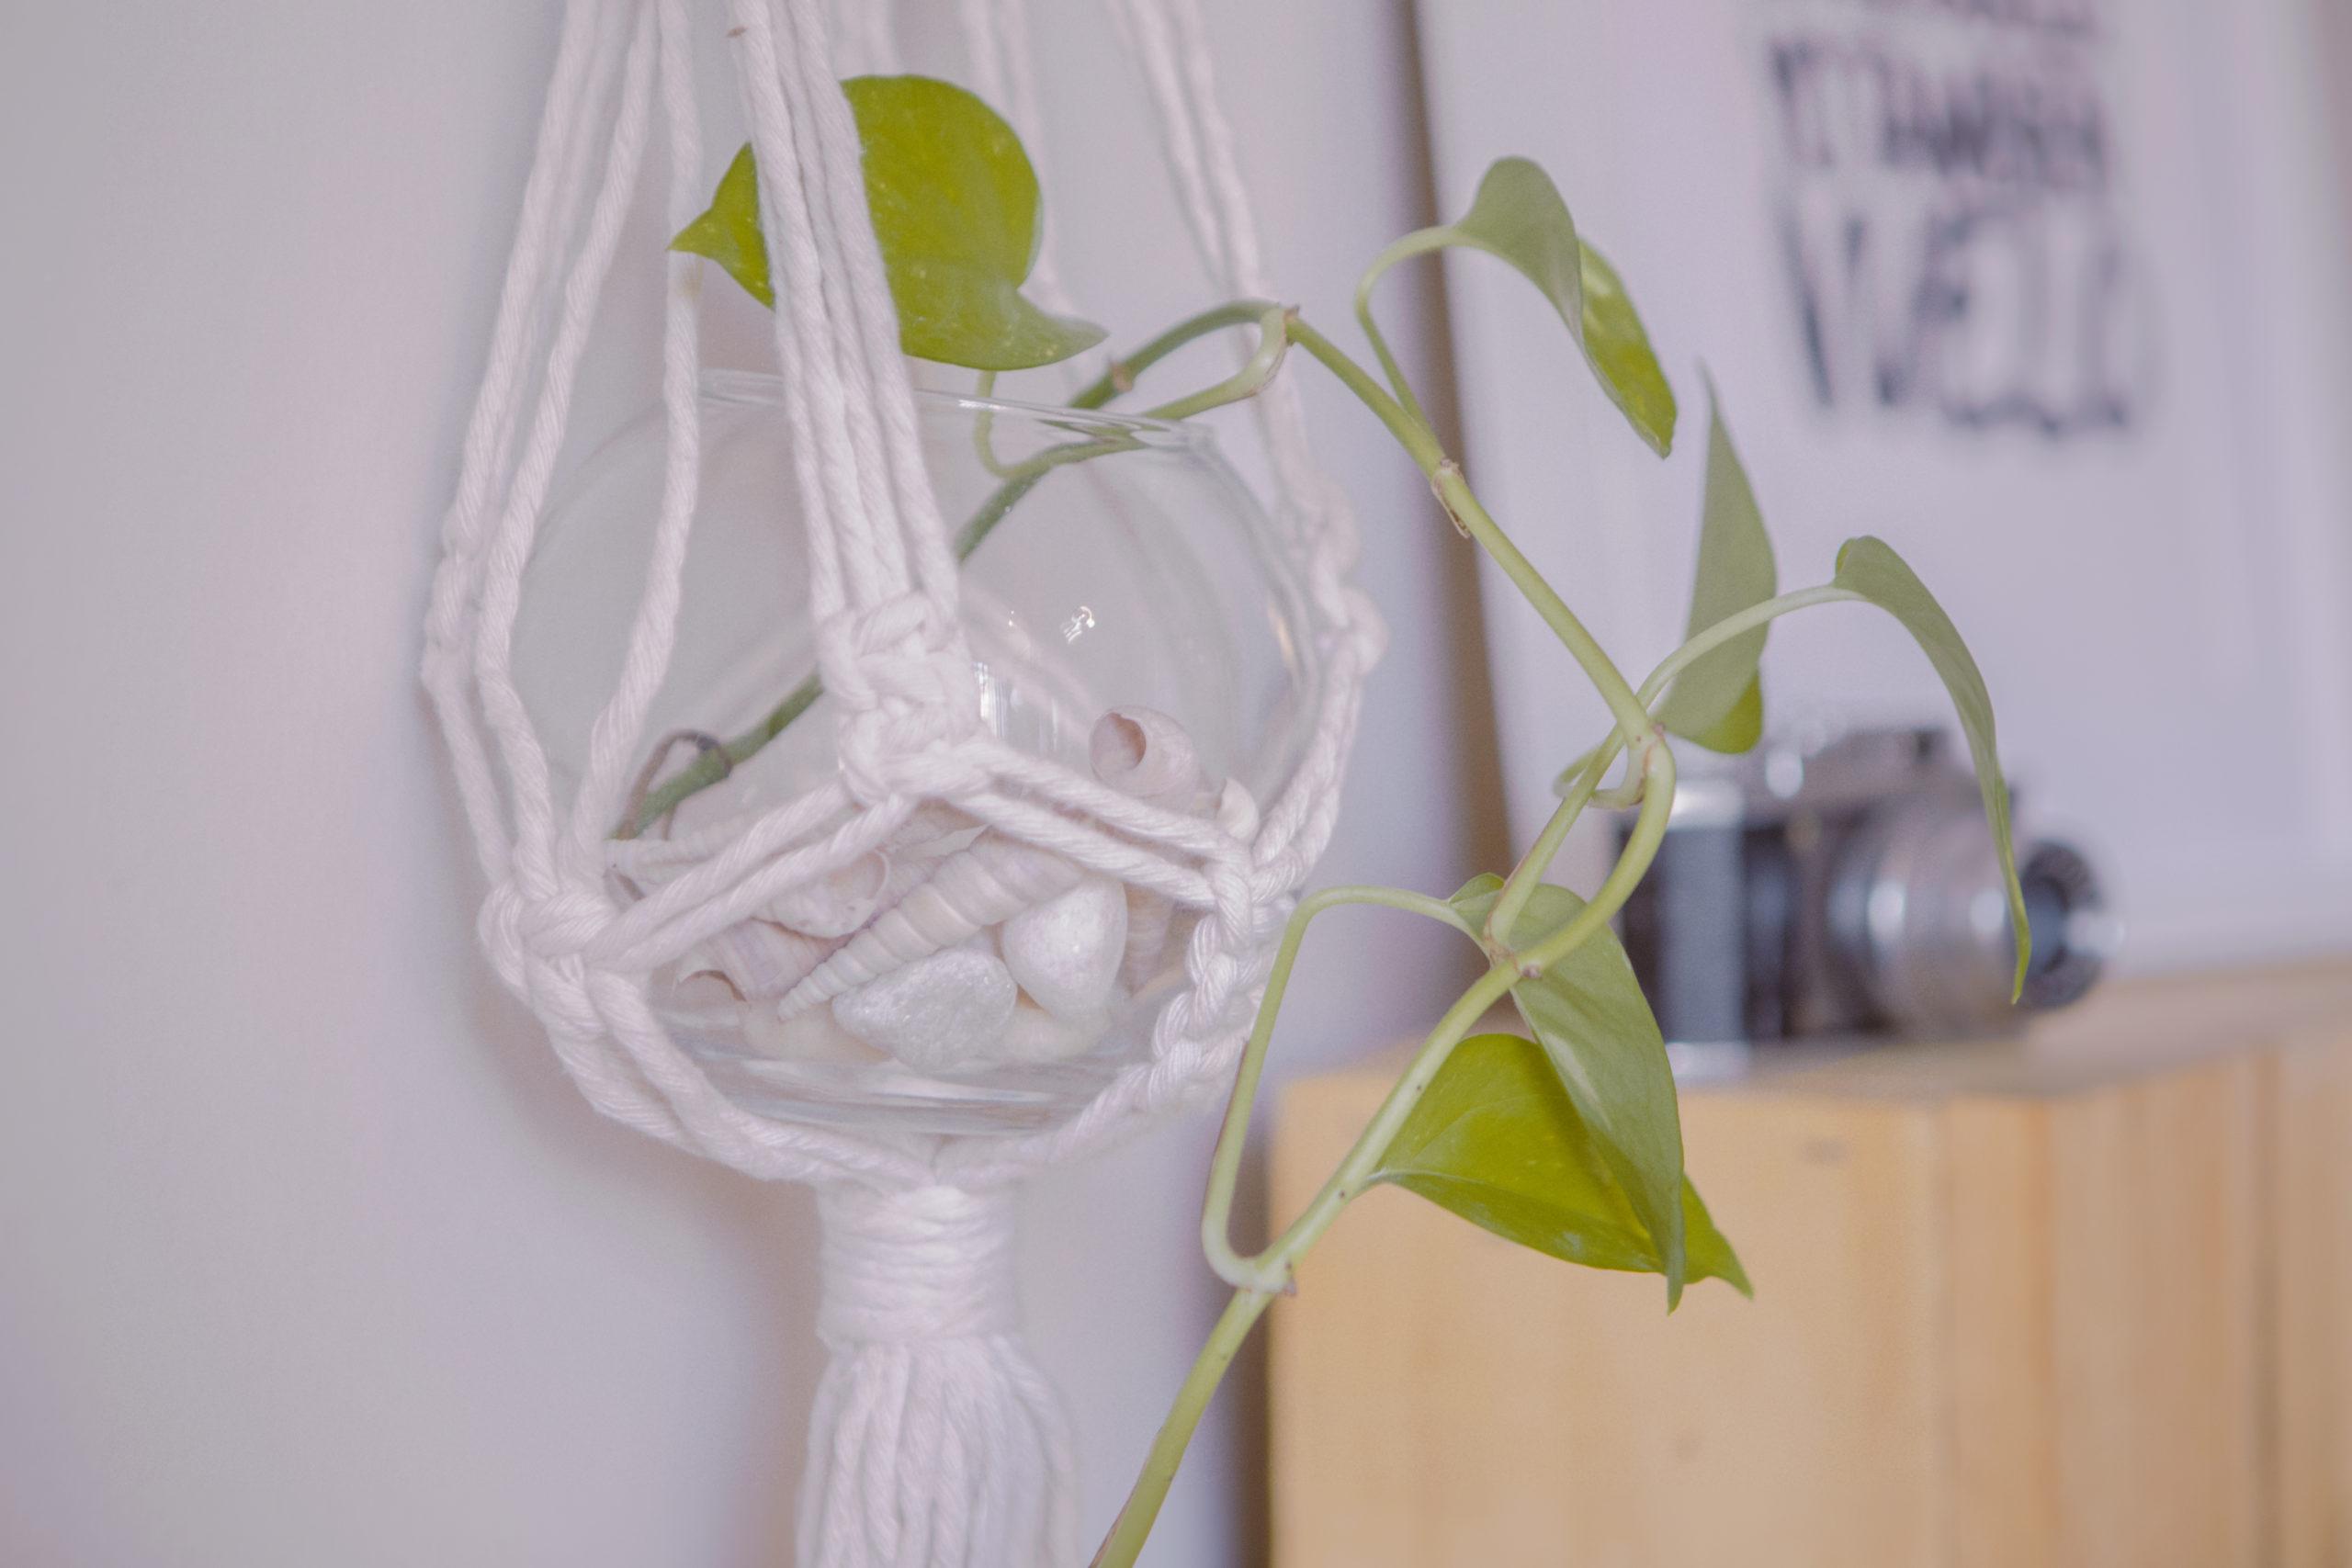 Macetero artesanal de macramé hecho con madera de la sierra de guadarrama y cuerdas de algodón ecológicas